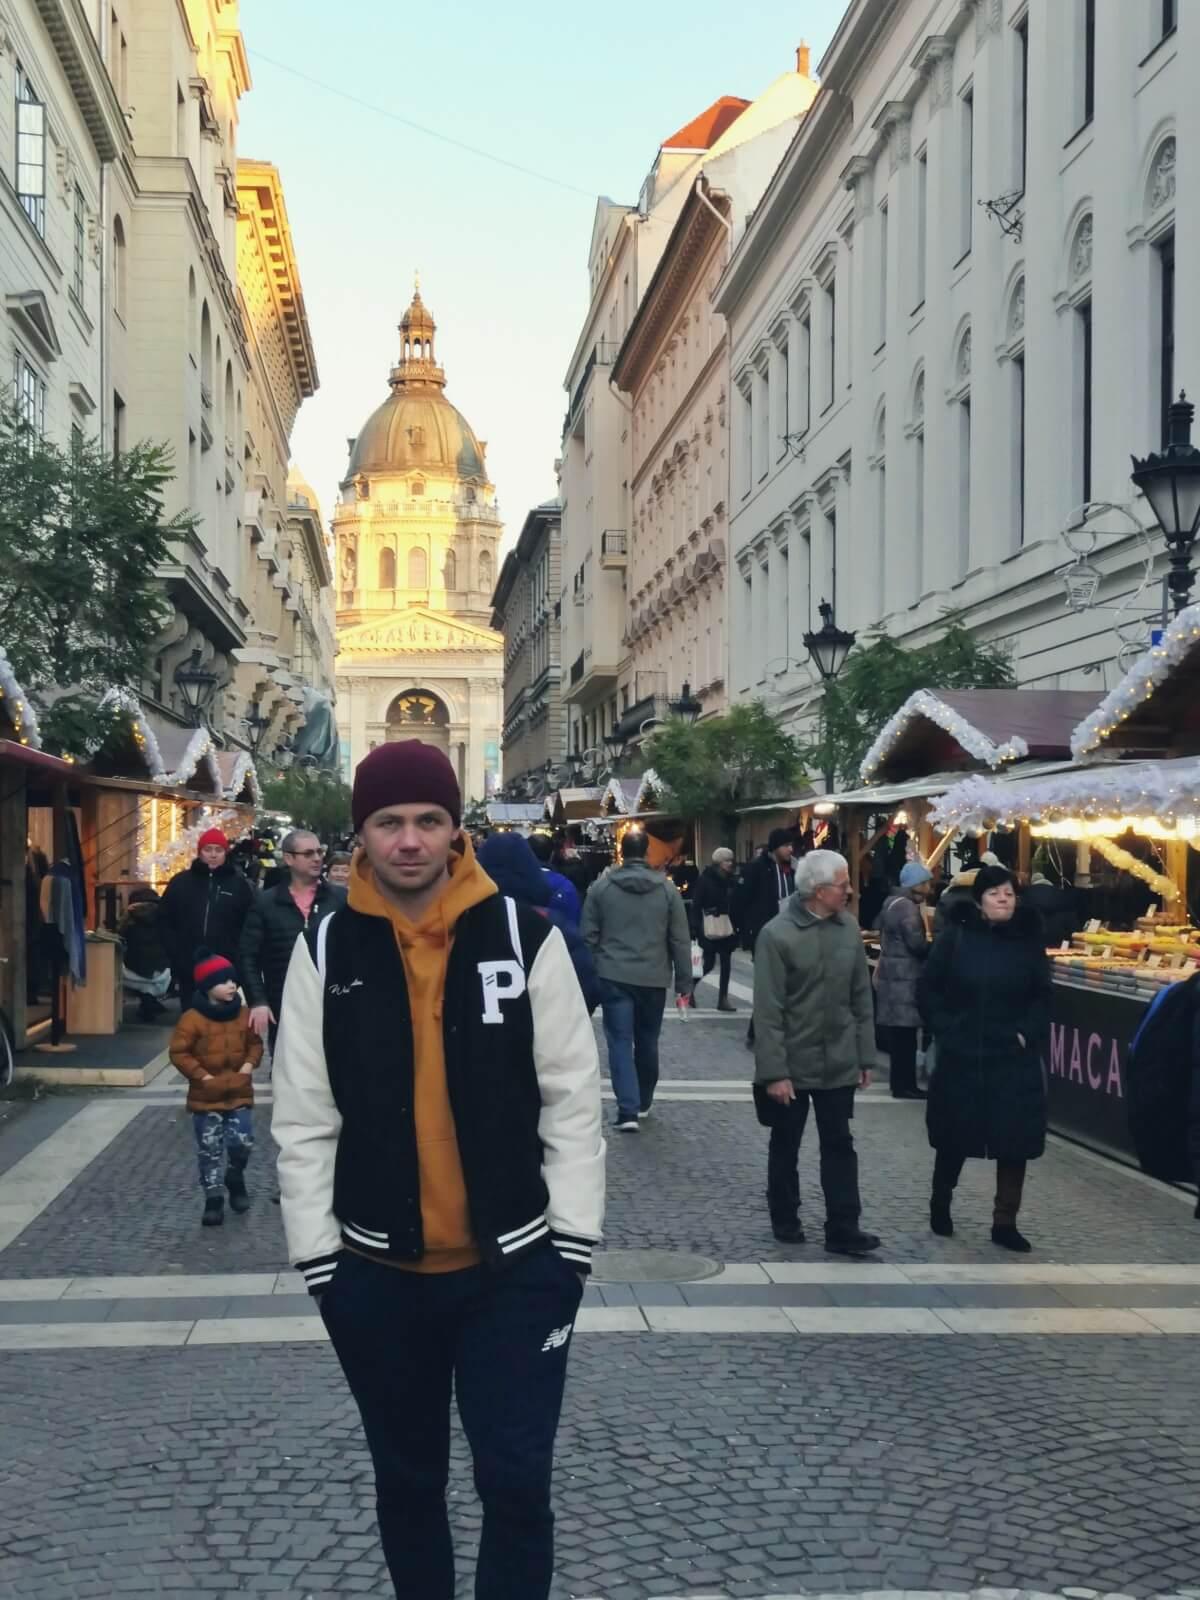 Bloger podróżniczy przed katedrą św. Stefana w Budapeszcie.